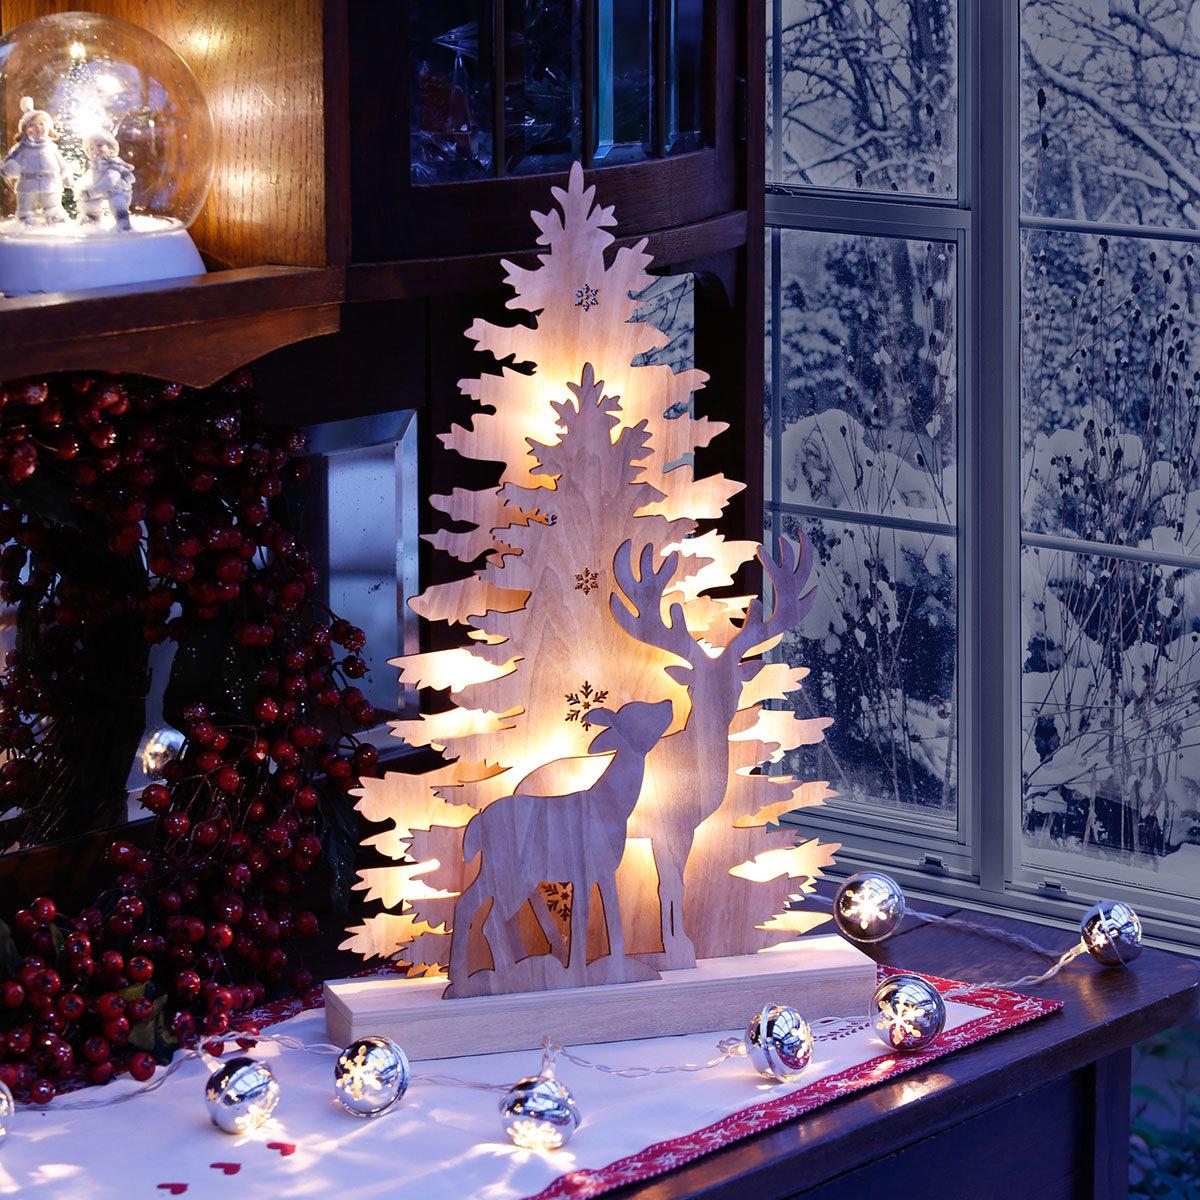 LED-Fensterleuchter Winter Emotion, 44x28x6 cm, Holz, natur